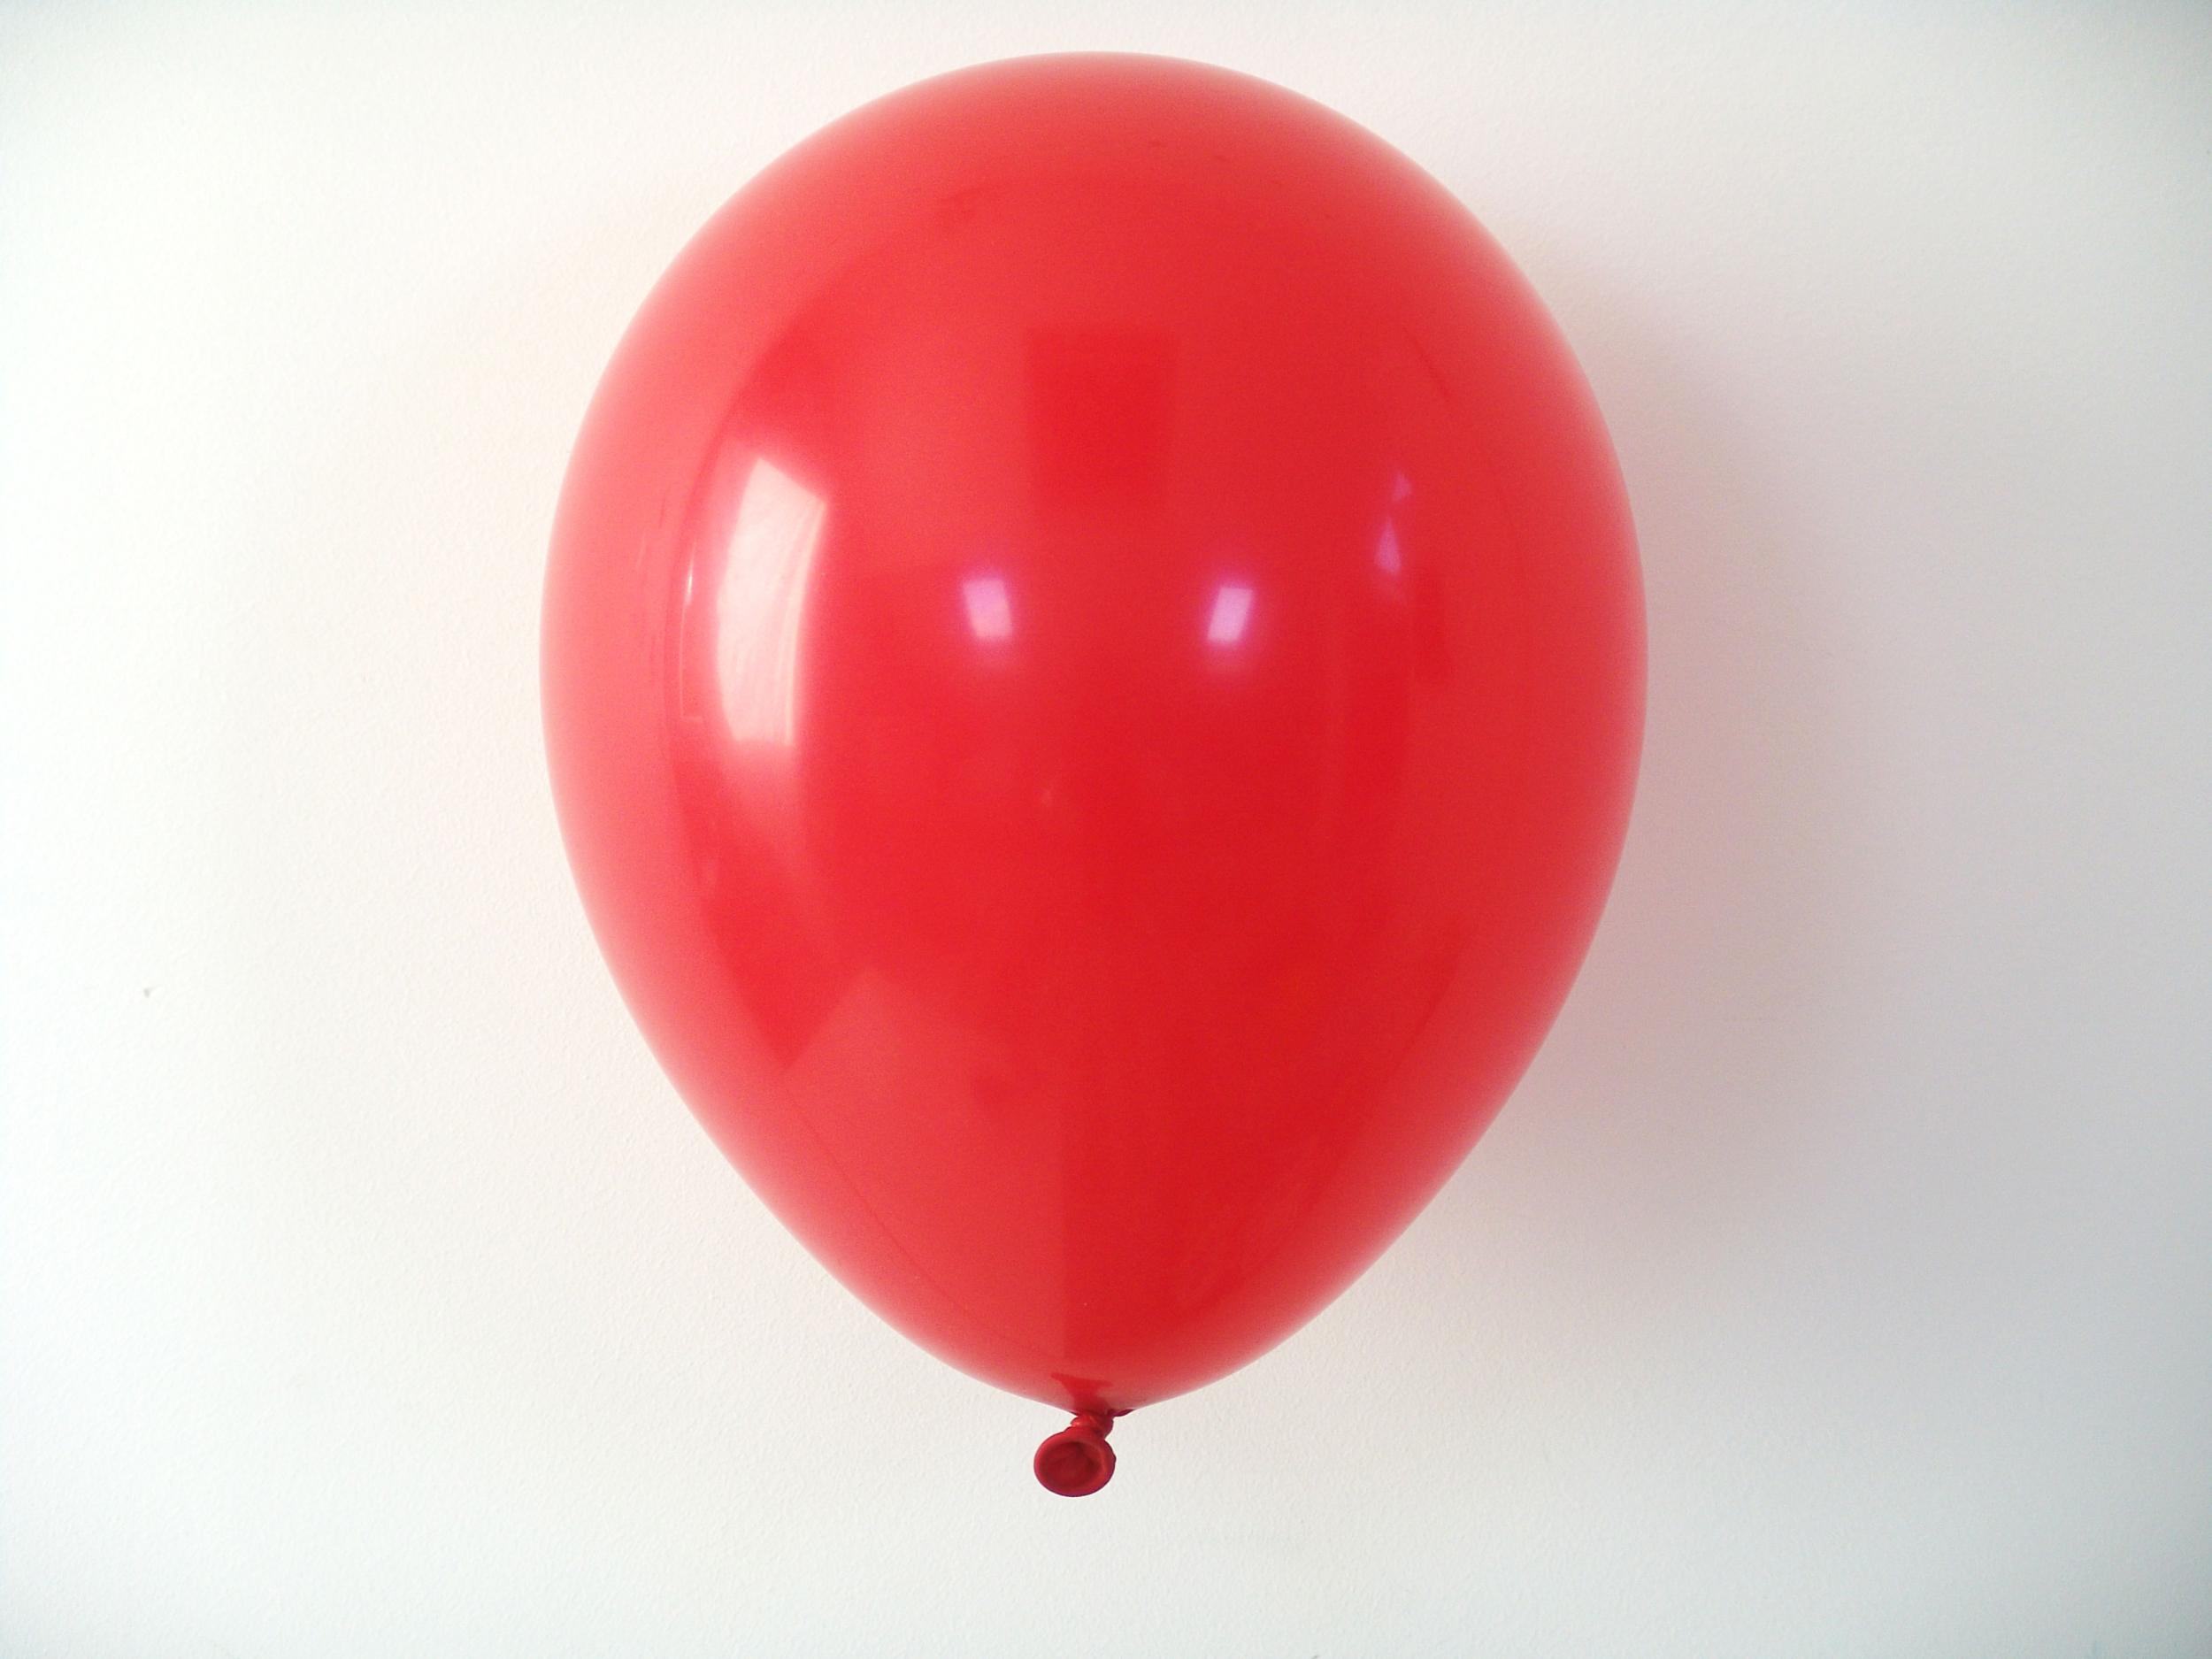 10 ballons de baudruche unis